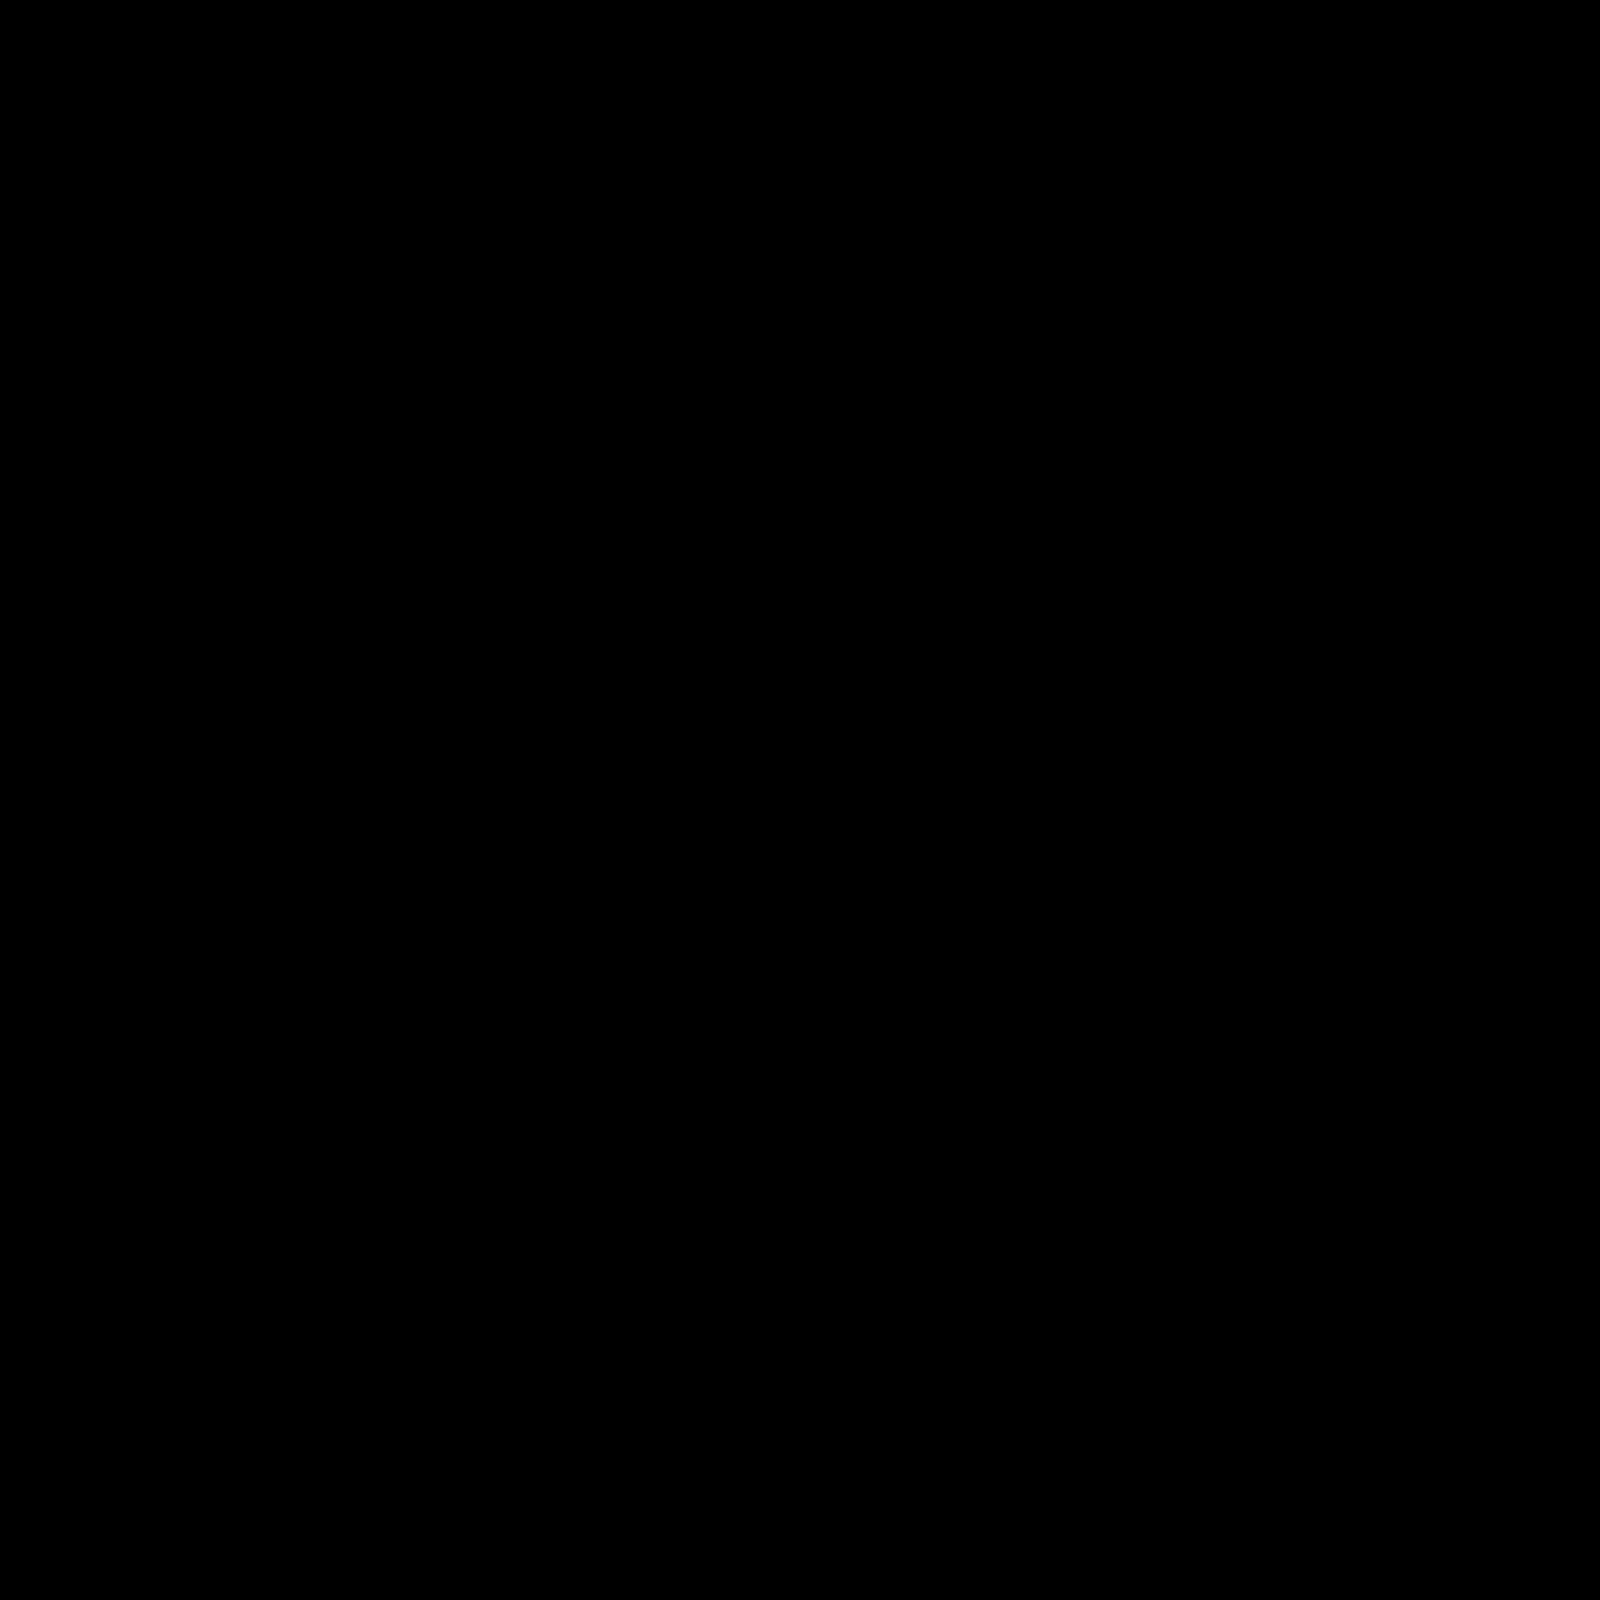 Czarna krew icon